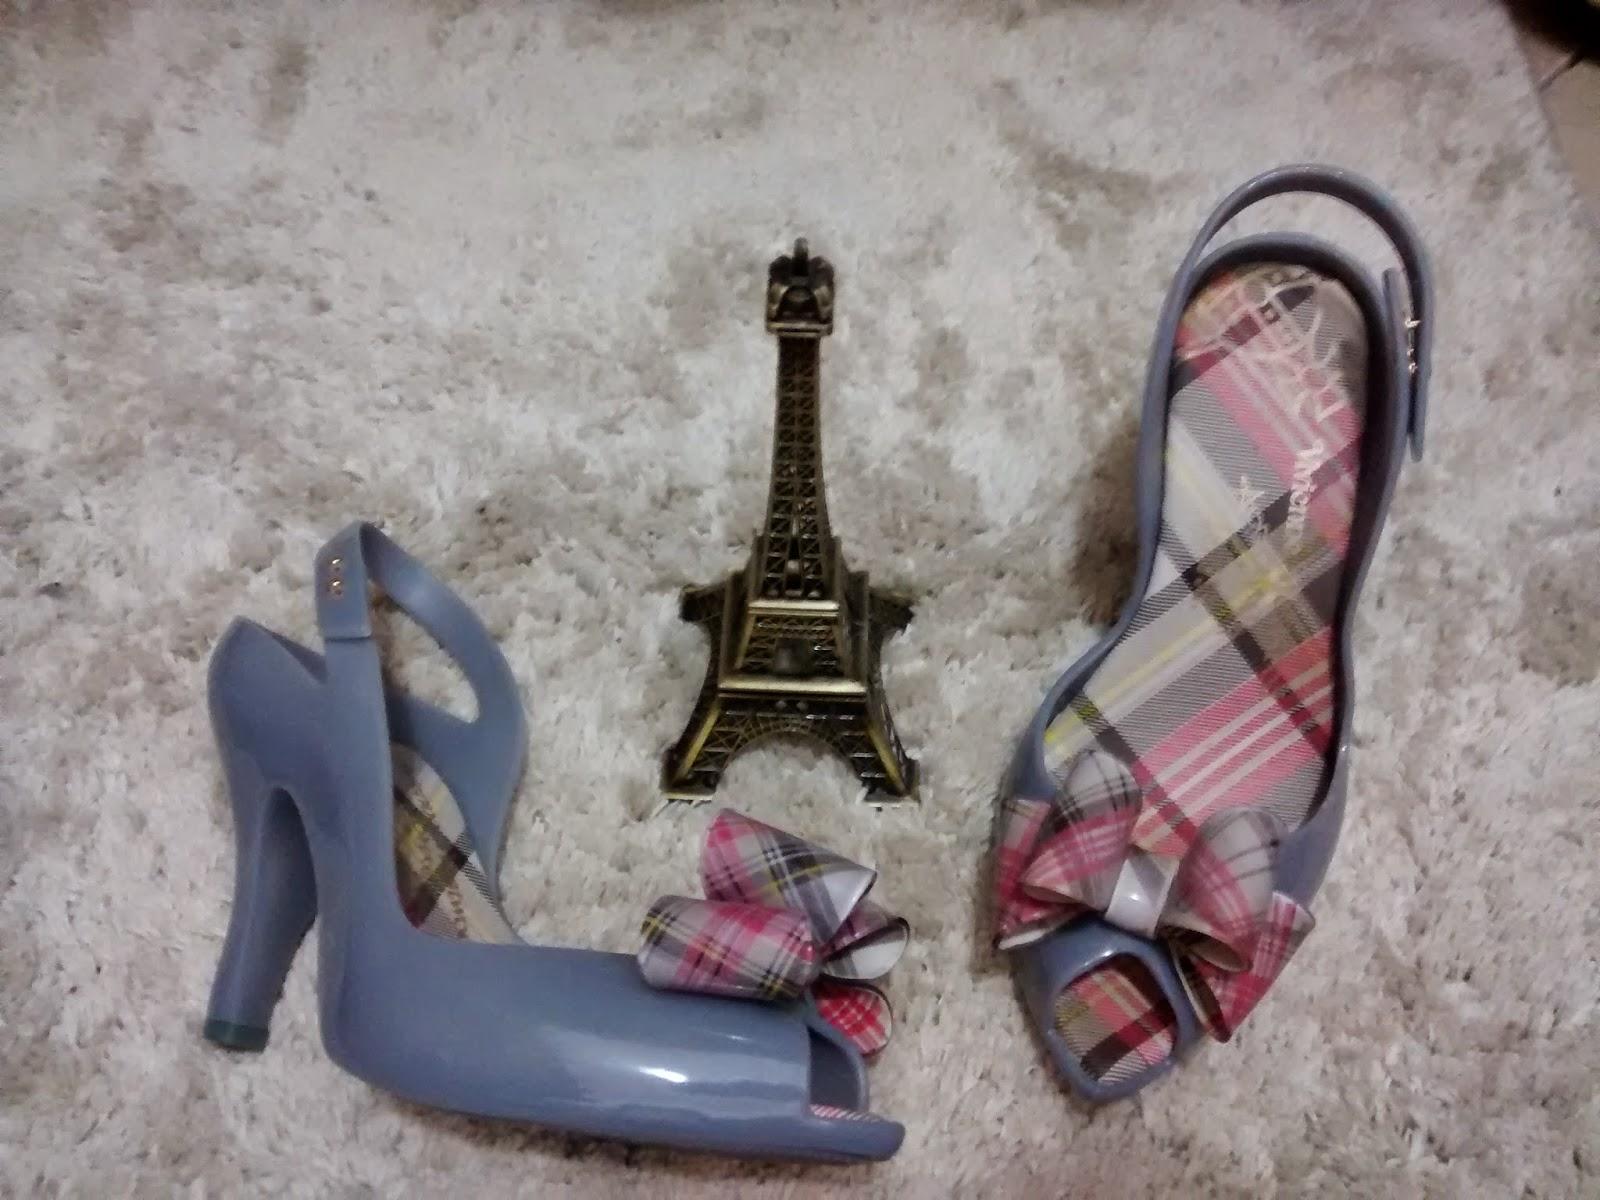 d4ee6cc2a0 PEEP TOE  As mulheres são realmente incríveis e sabem apreciar os detalhes  de cada tipo de calçado. Durante séculos